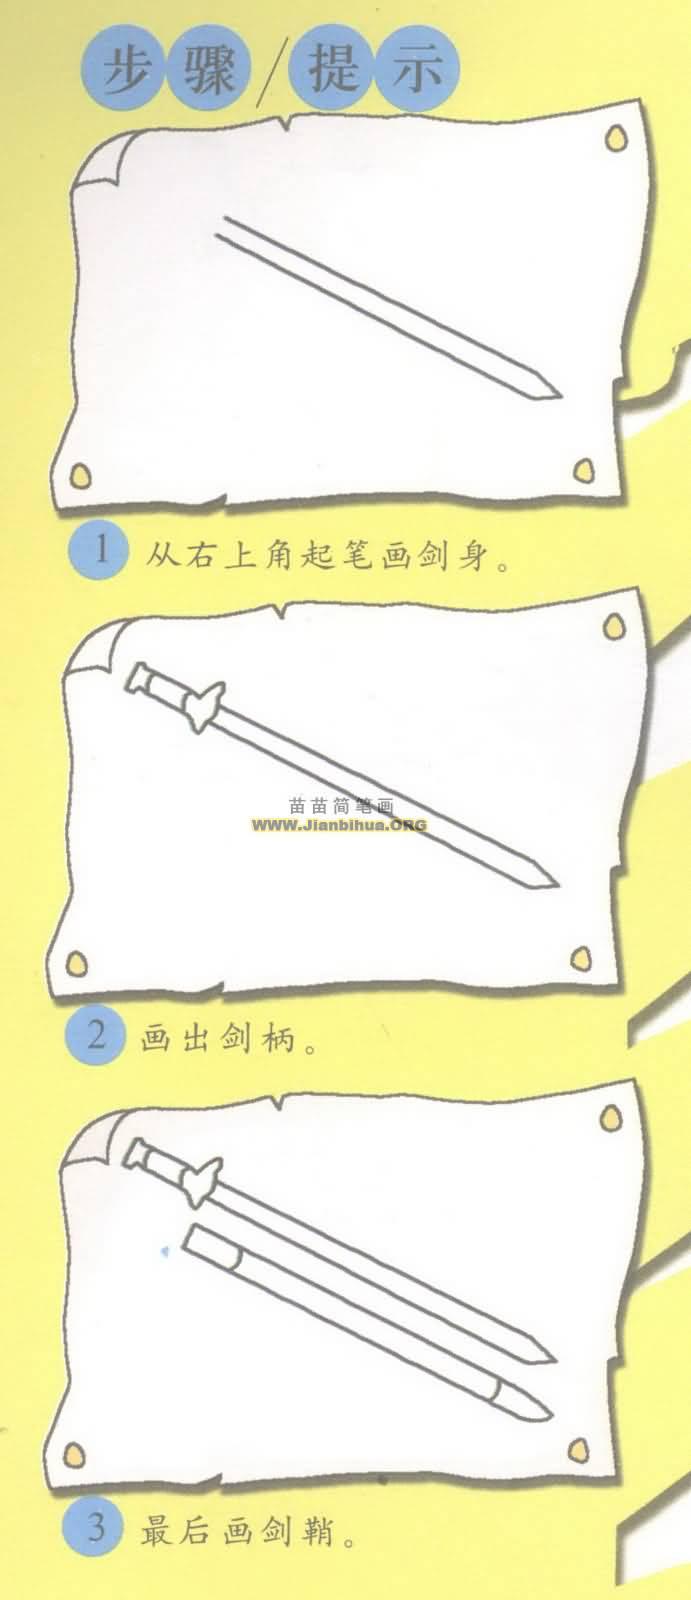 宝剑的简笔画图片